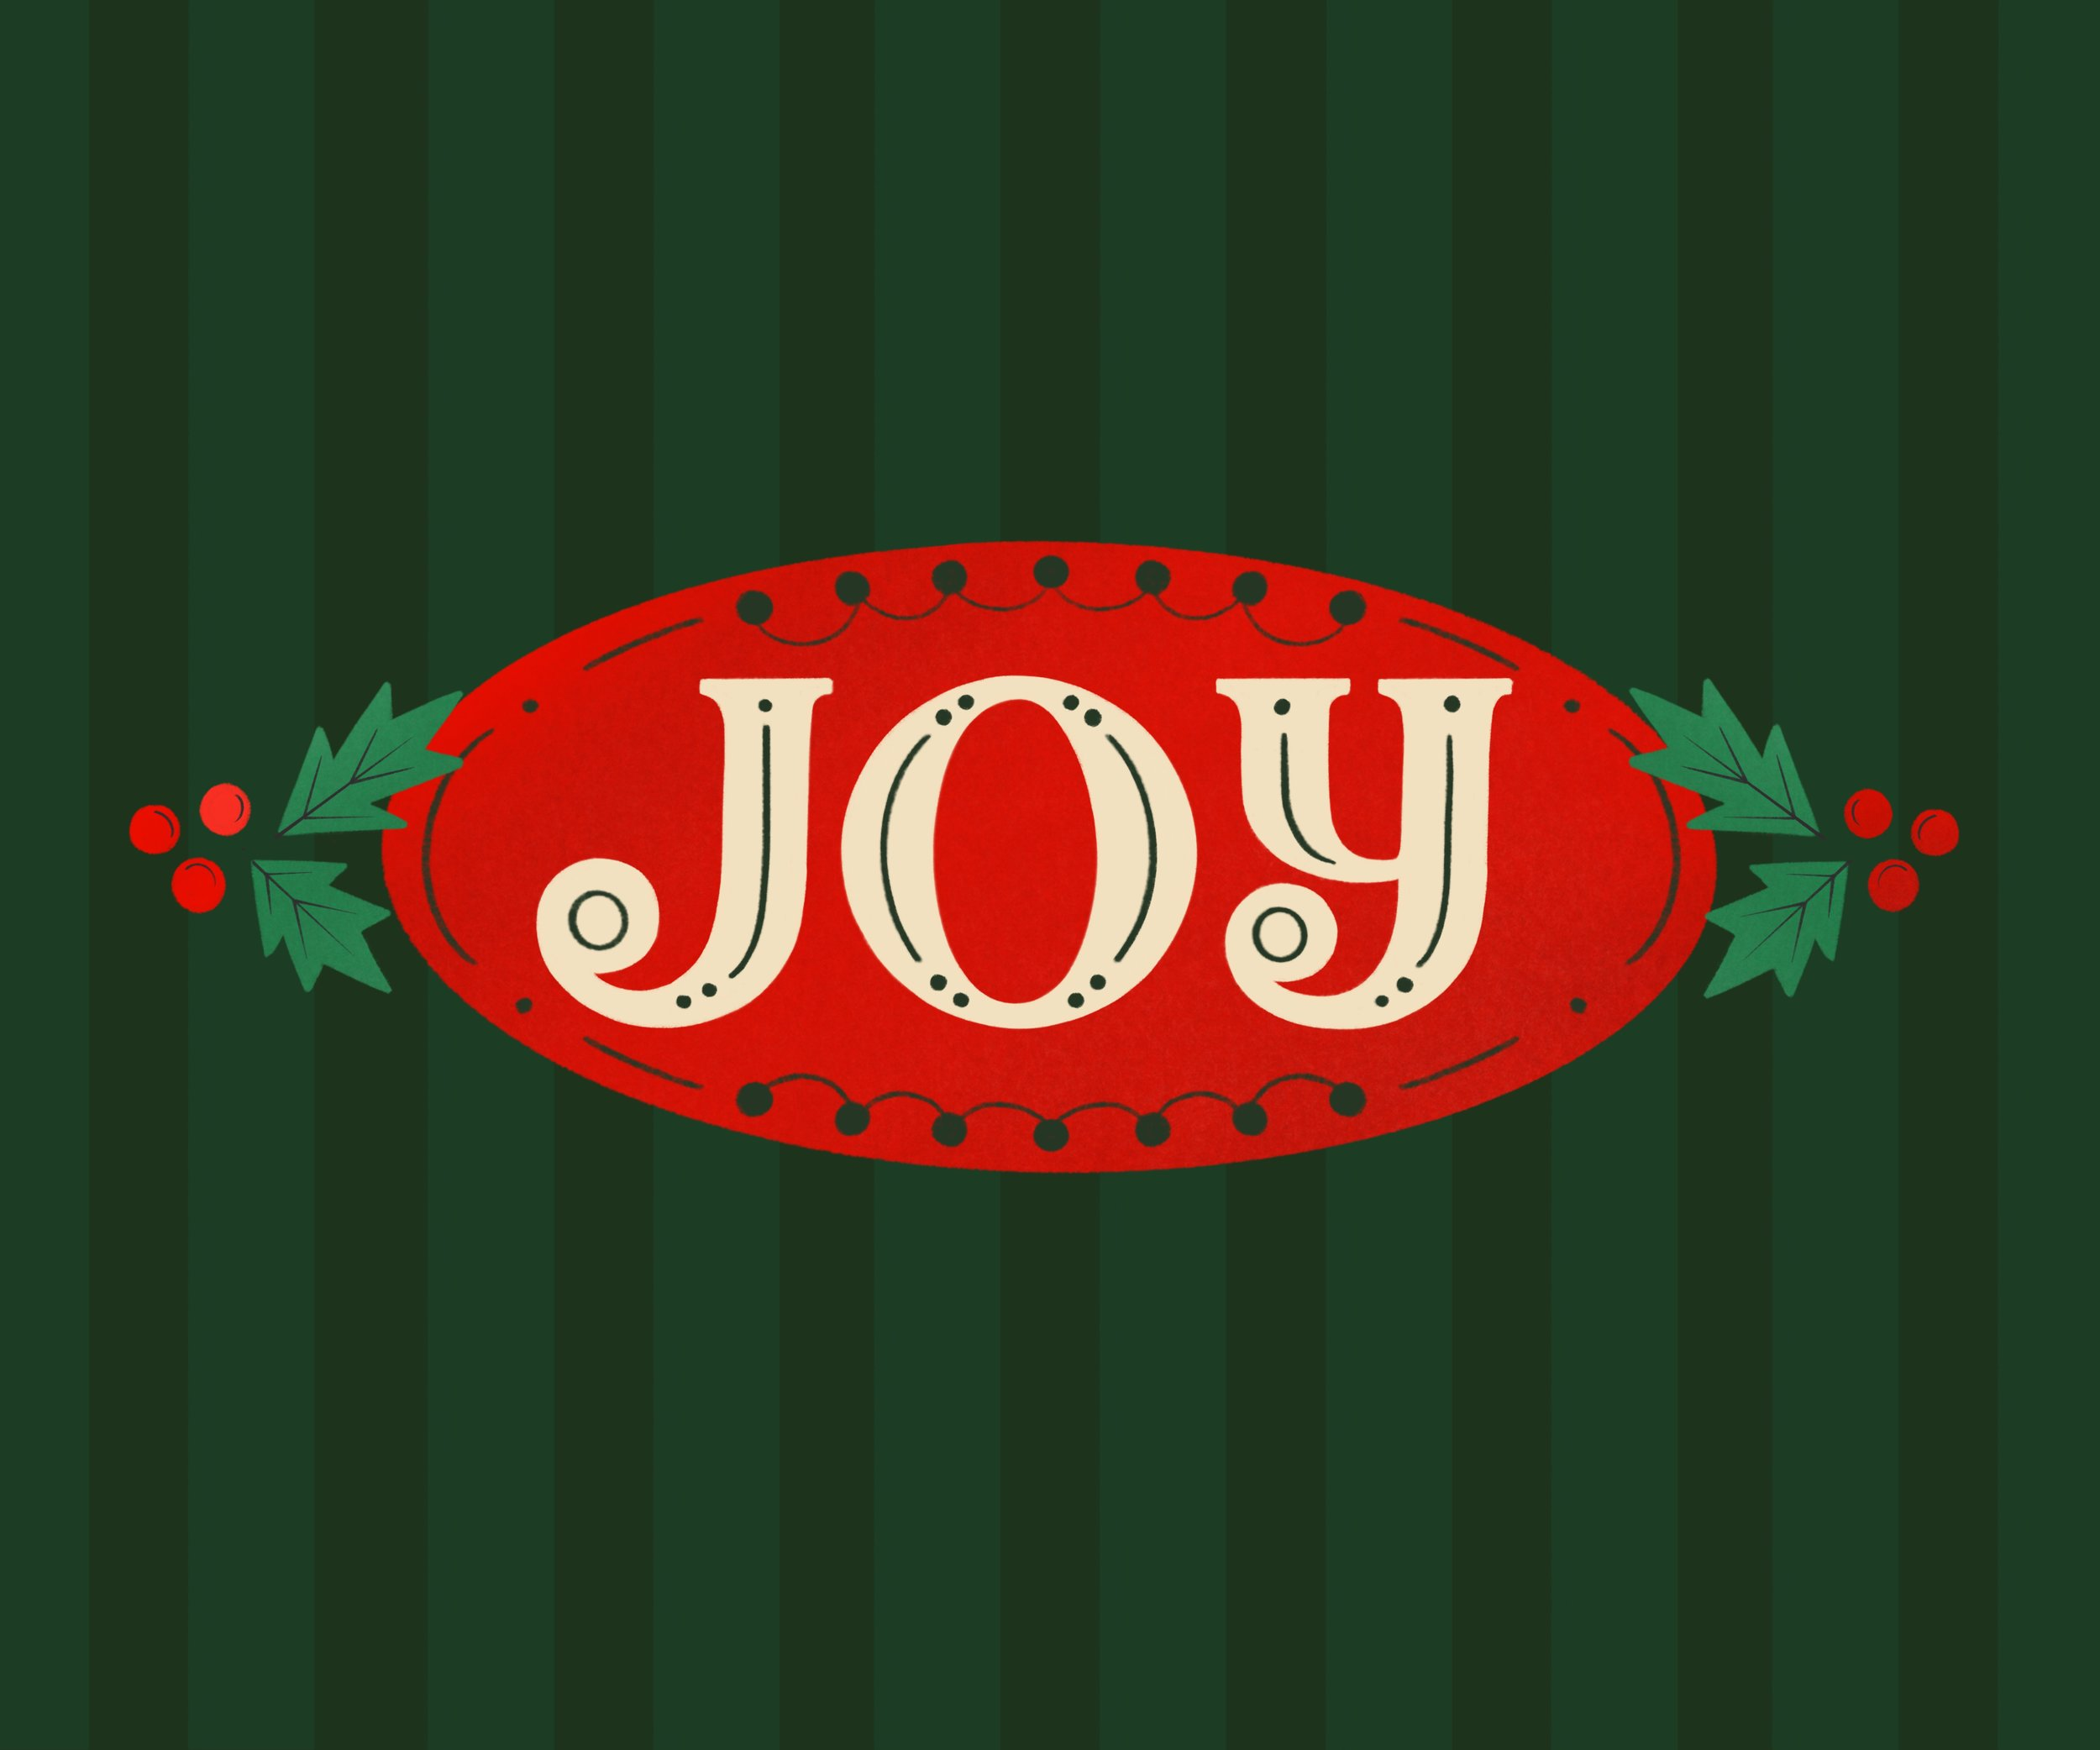 KJ-Christmas_JoyBellsandGreenery_V2.jpg